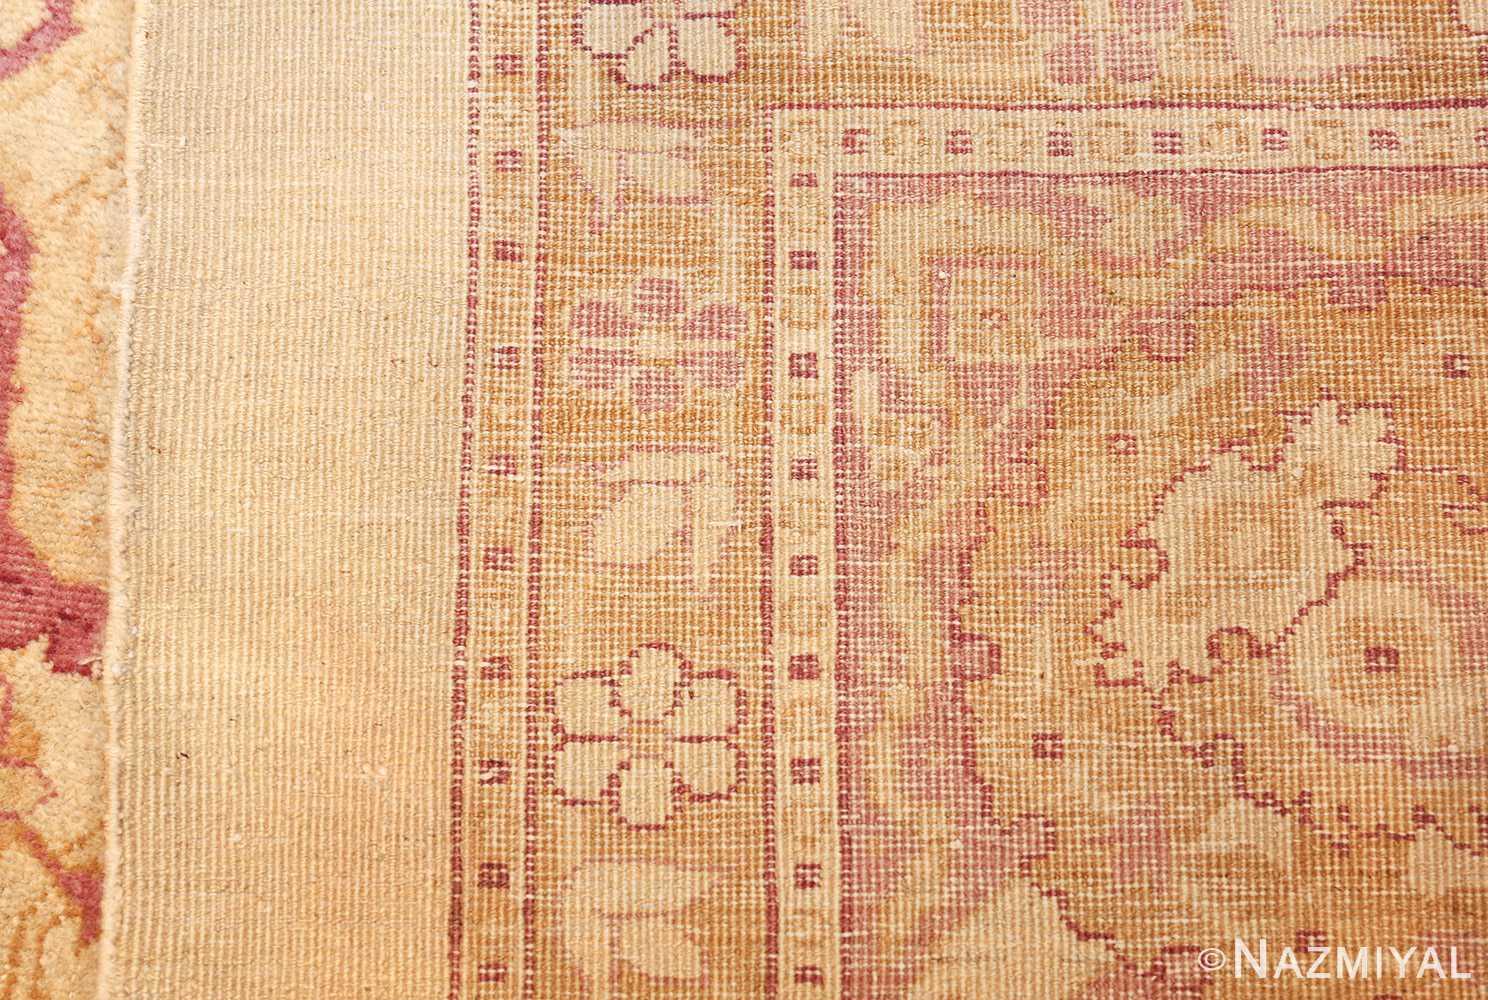 antique indian amritsar carpet 48002 weave Nazmiyal